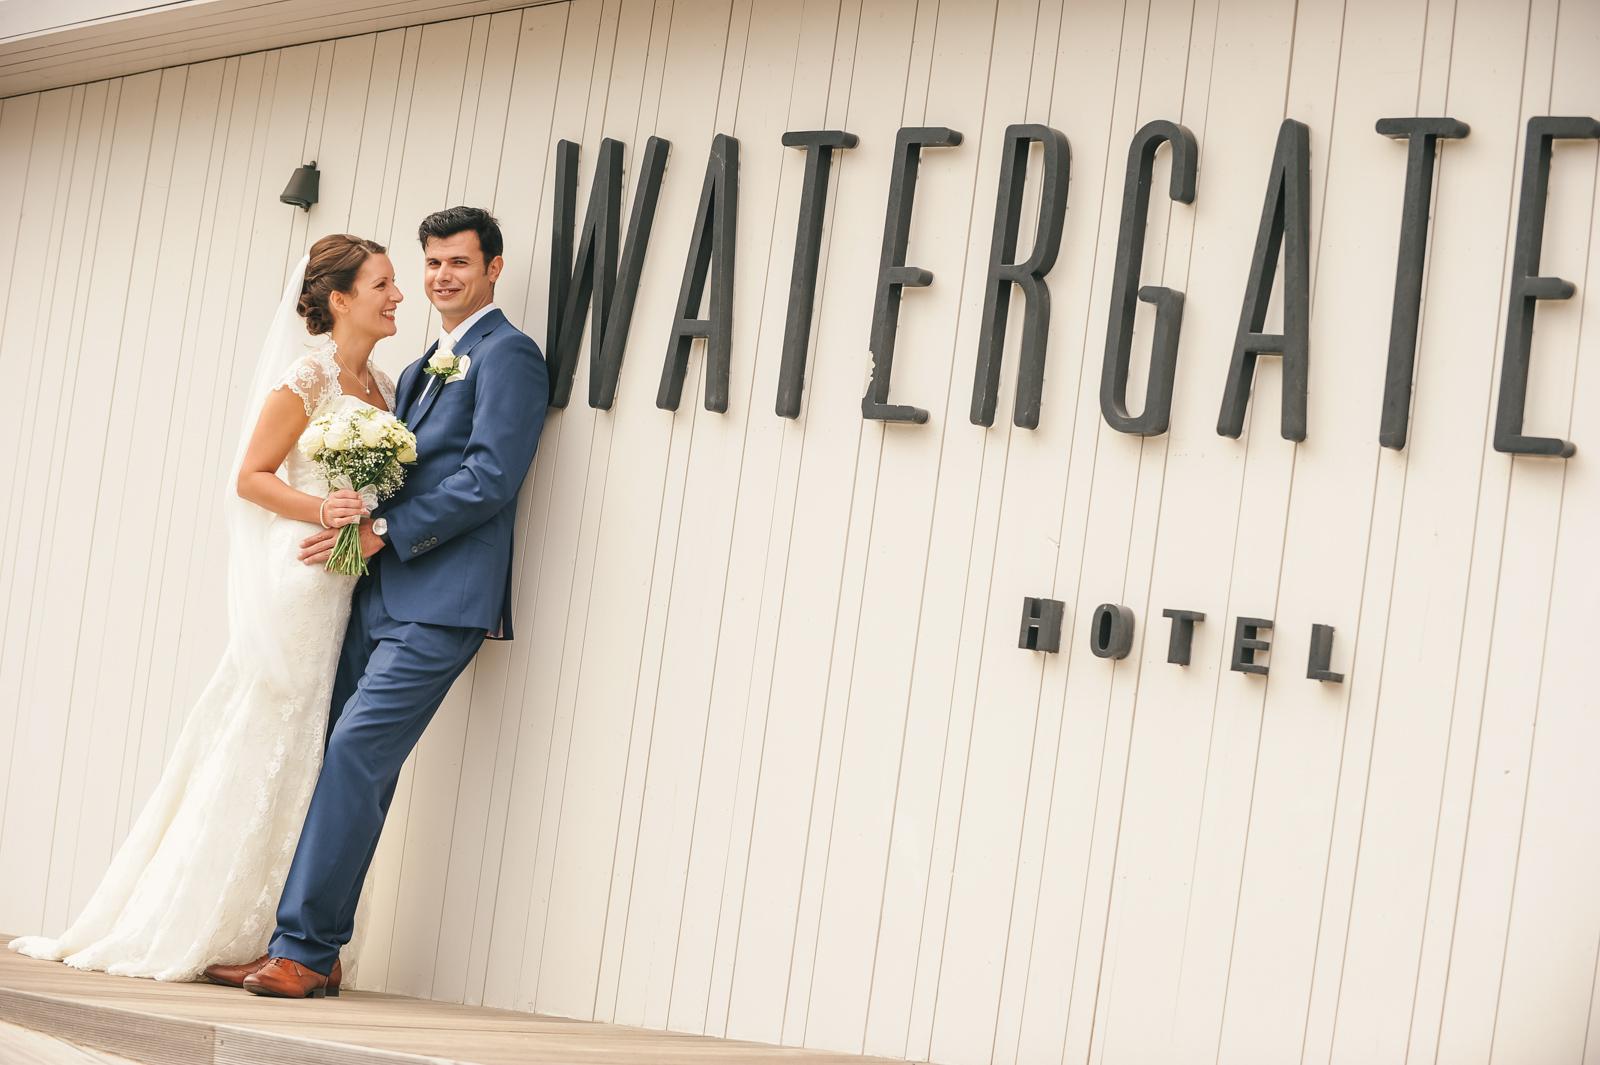 watergate-bay-hotel-weddings-121.jpg